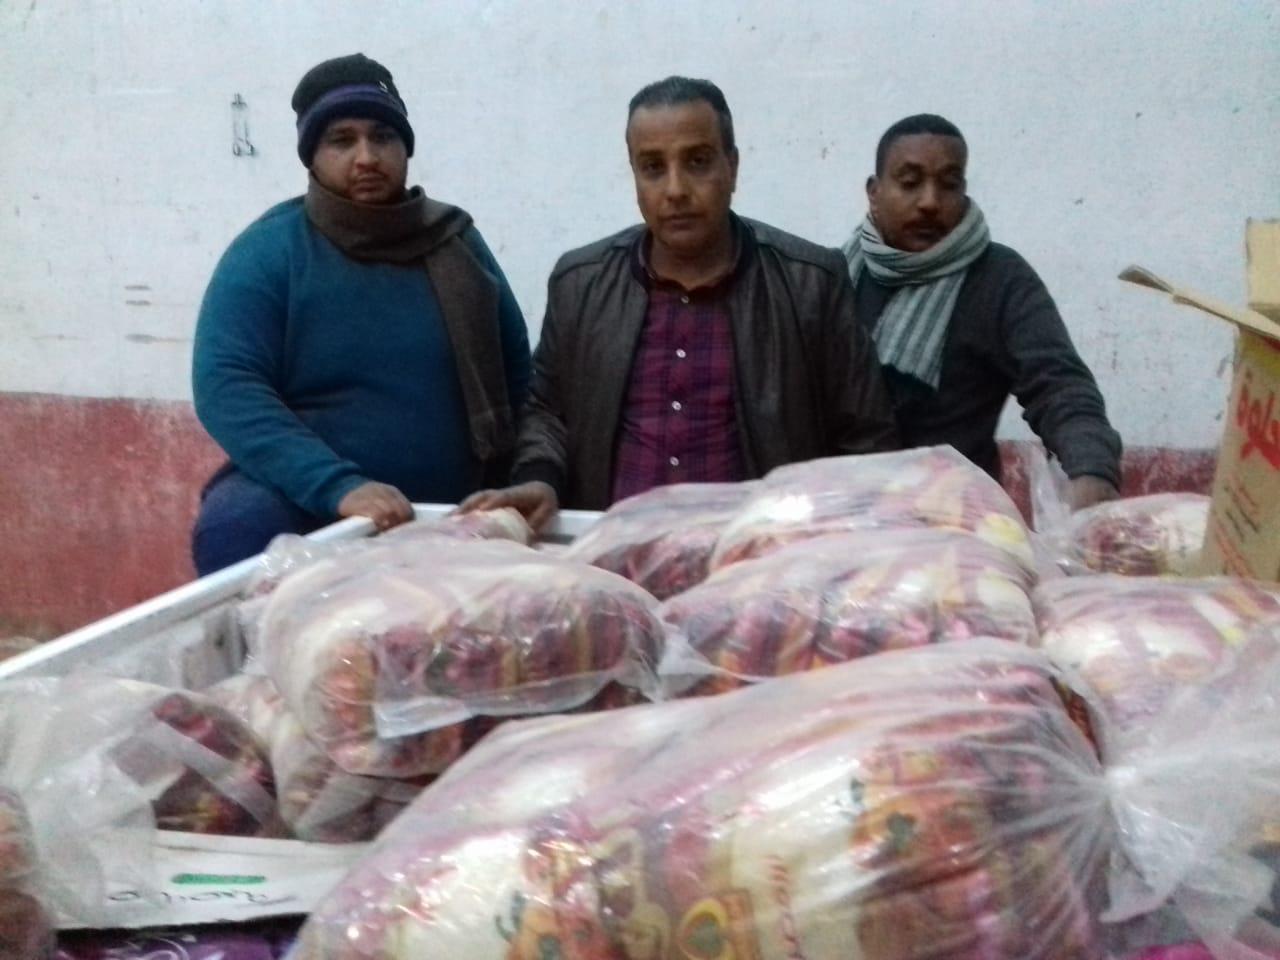 تموين الأقصر تضبط طن أرز منتهي الصلاحية قبل بيعها للمواطنين (2)